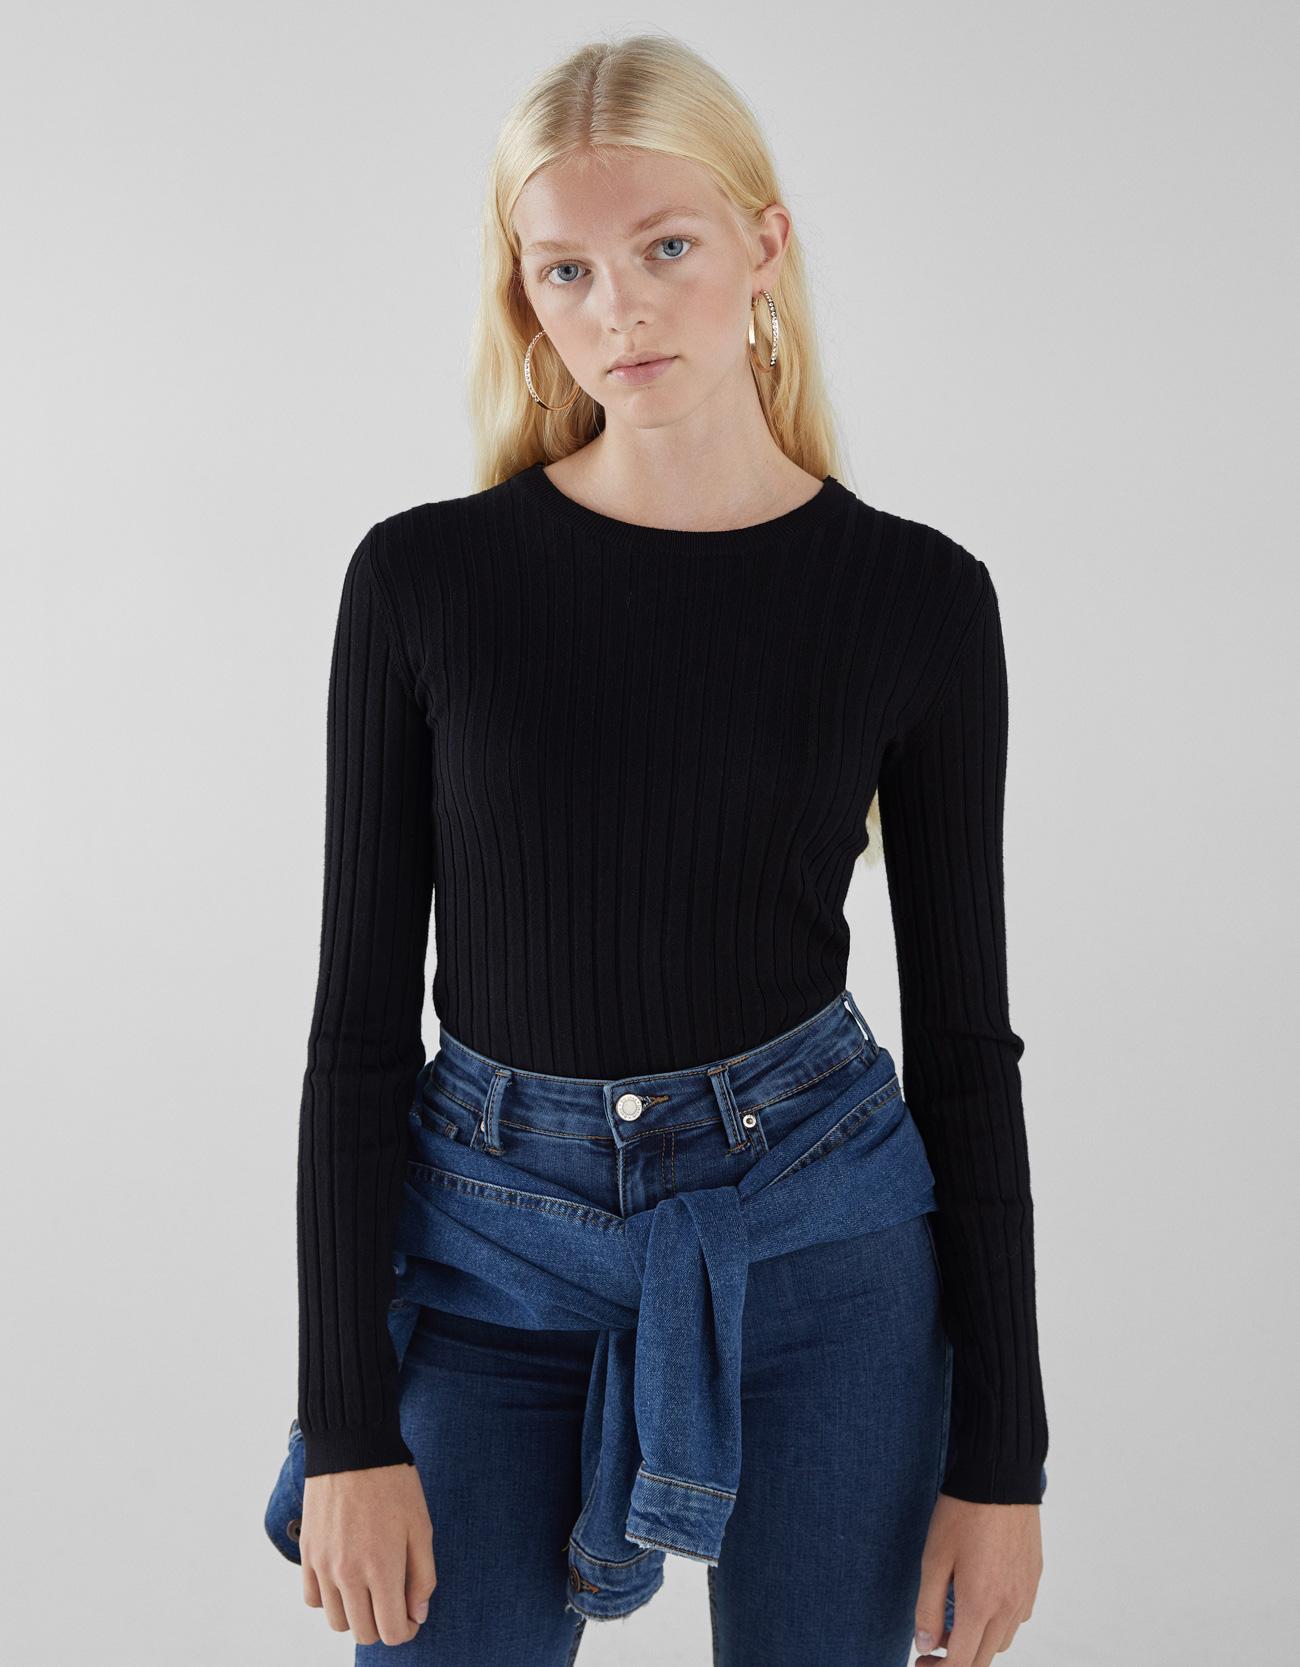 Pullover im Rippenstrick mit Schnürung